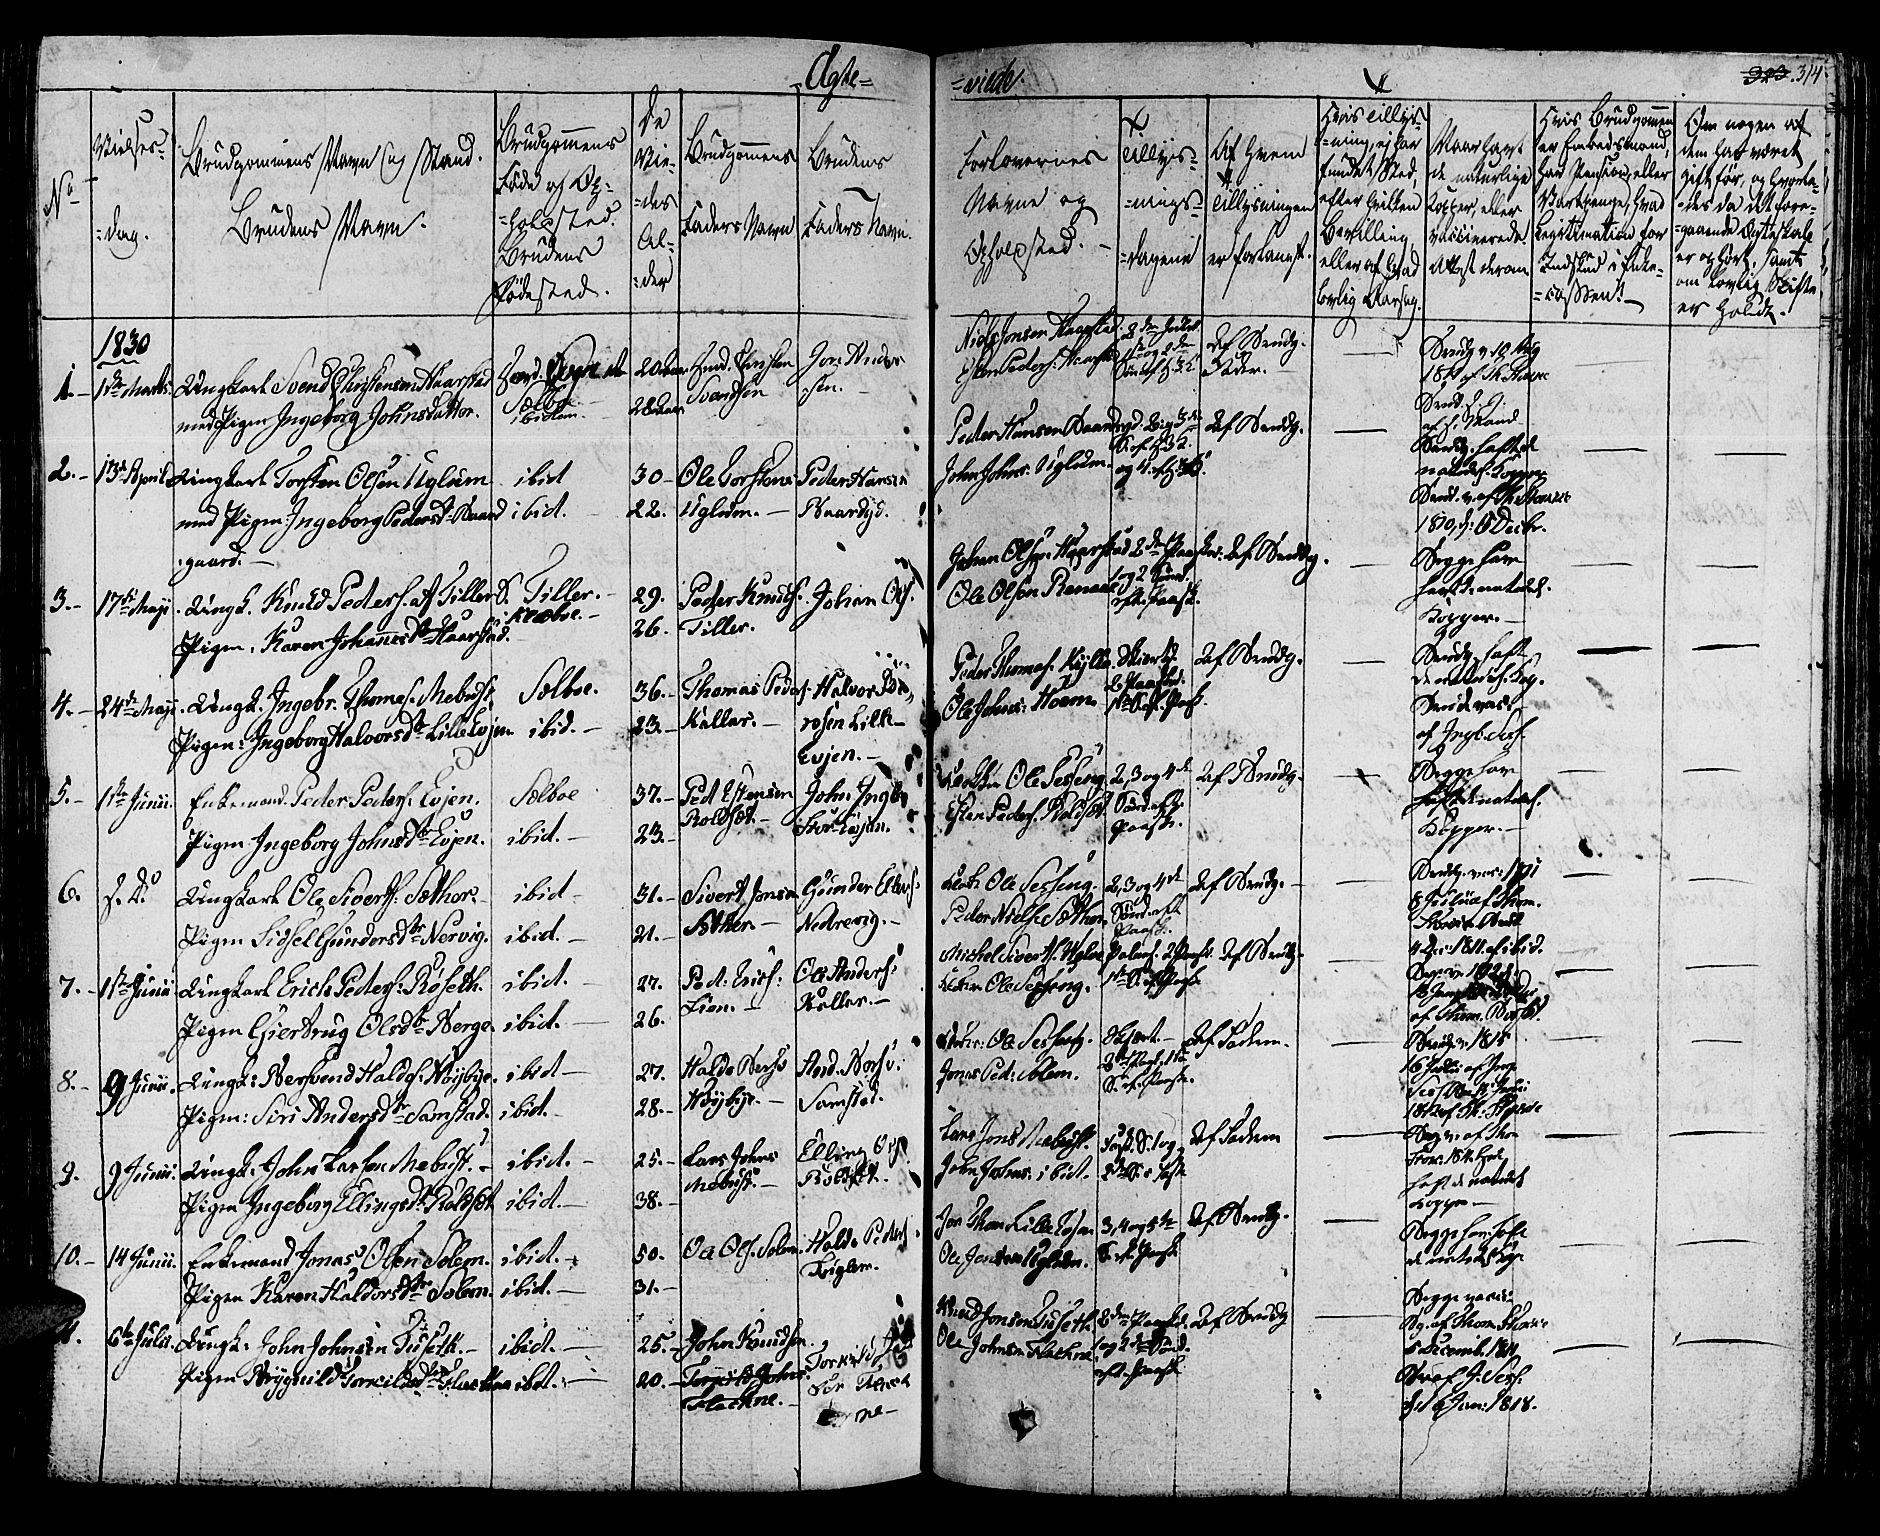 SAT, Ministerialprotokoller, klokkerbøker og fødselsregistre - Sør-Trøndelag, 695/L1143: Ministerialbok nr. 695A05 /1, 1824-1842, s. 314